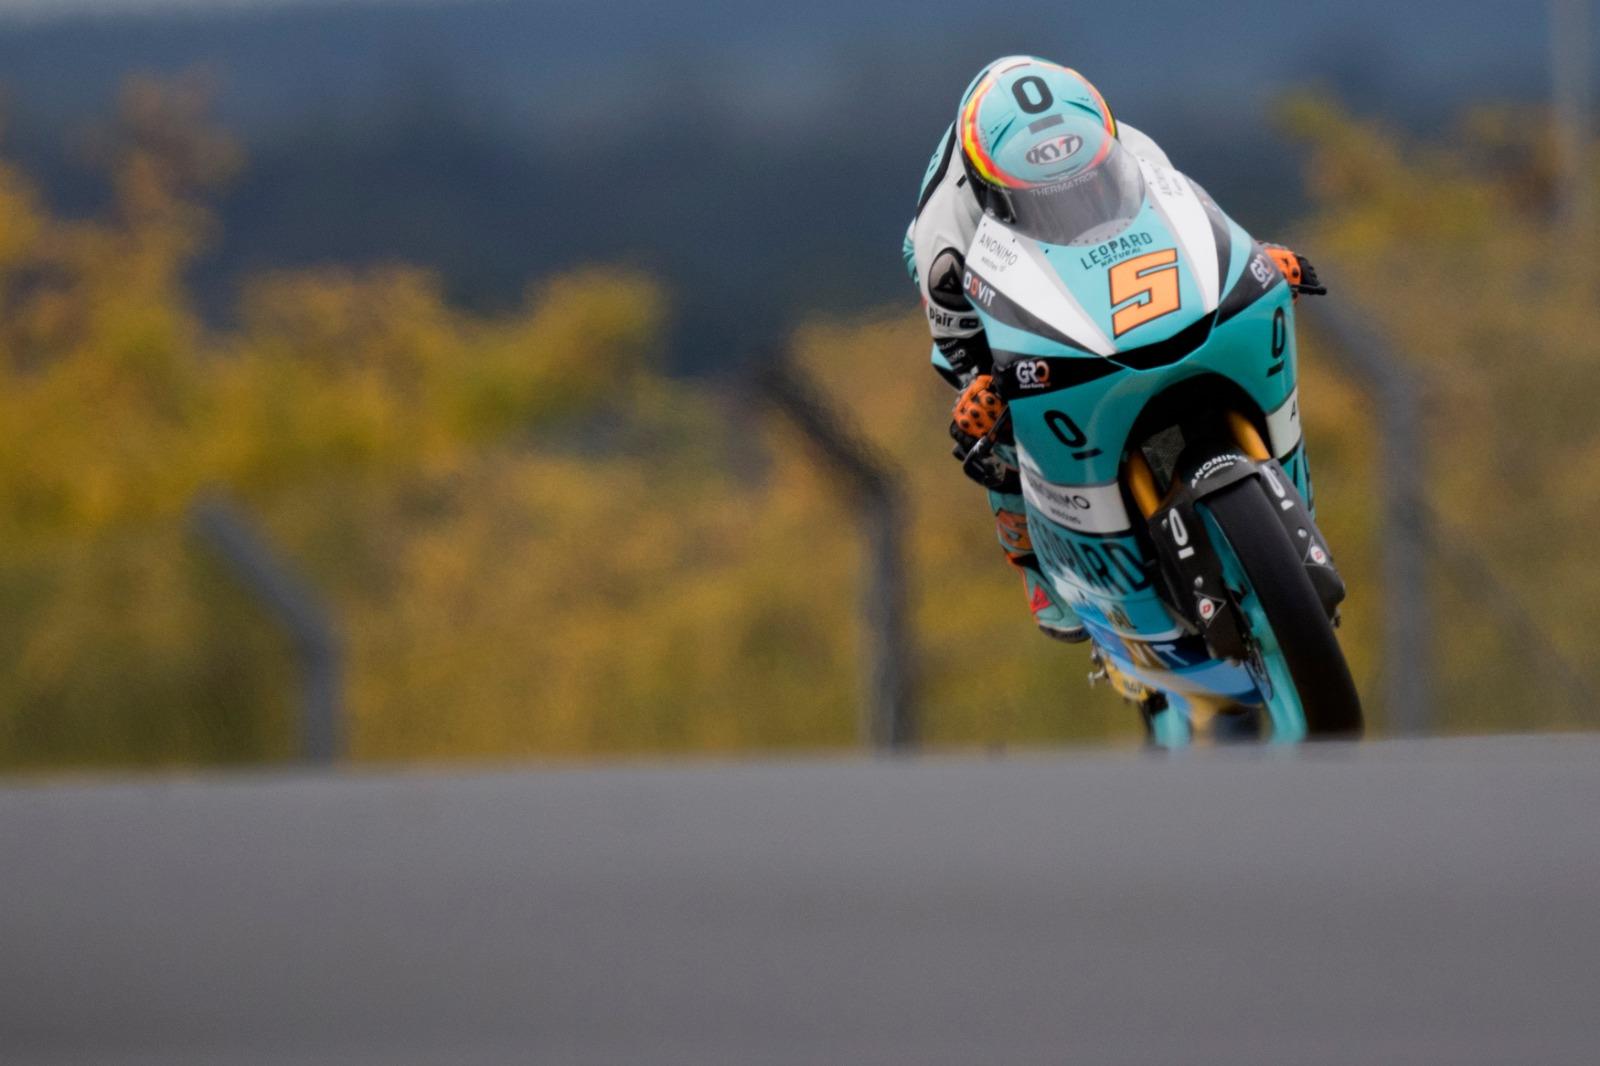 Jaume Masiá pulveriza el récord para conseguir su primera pole en Le Mans